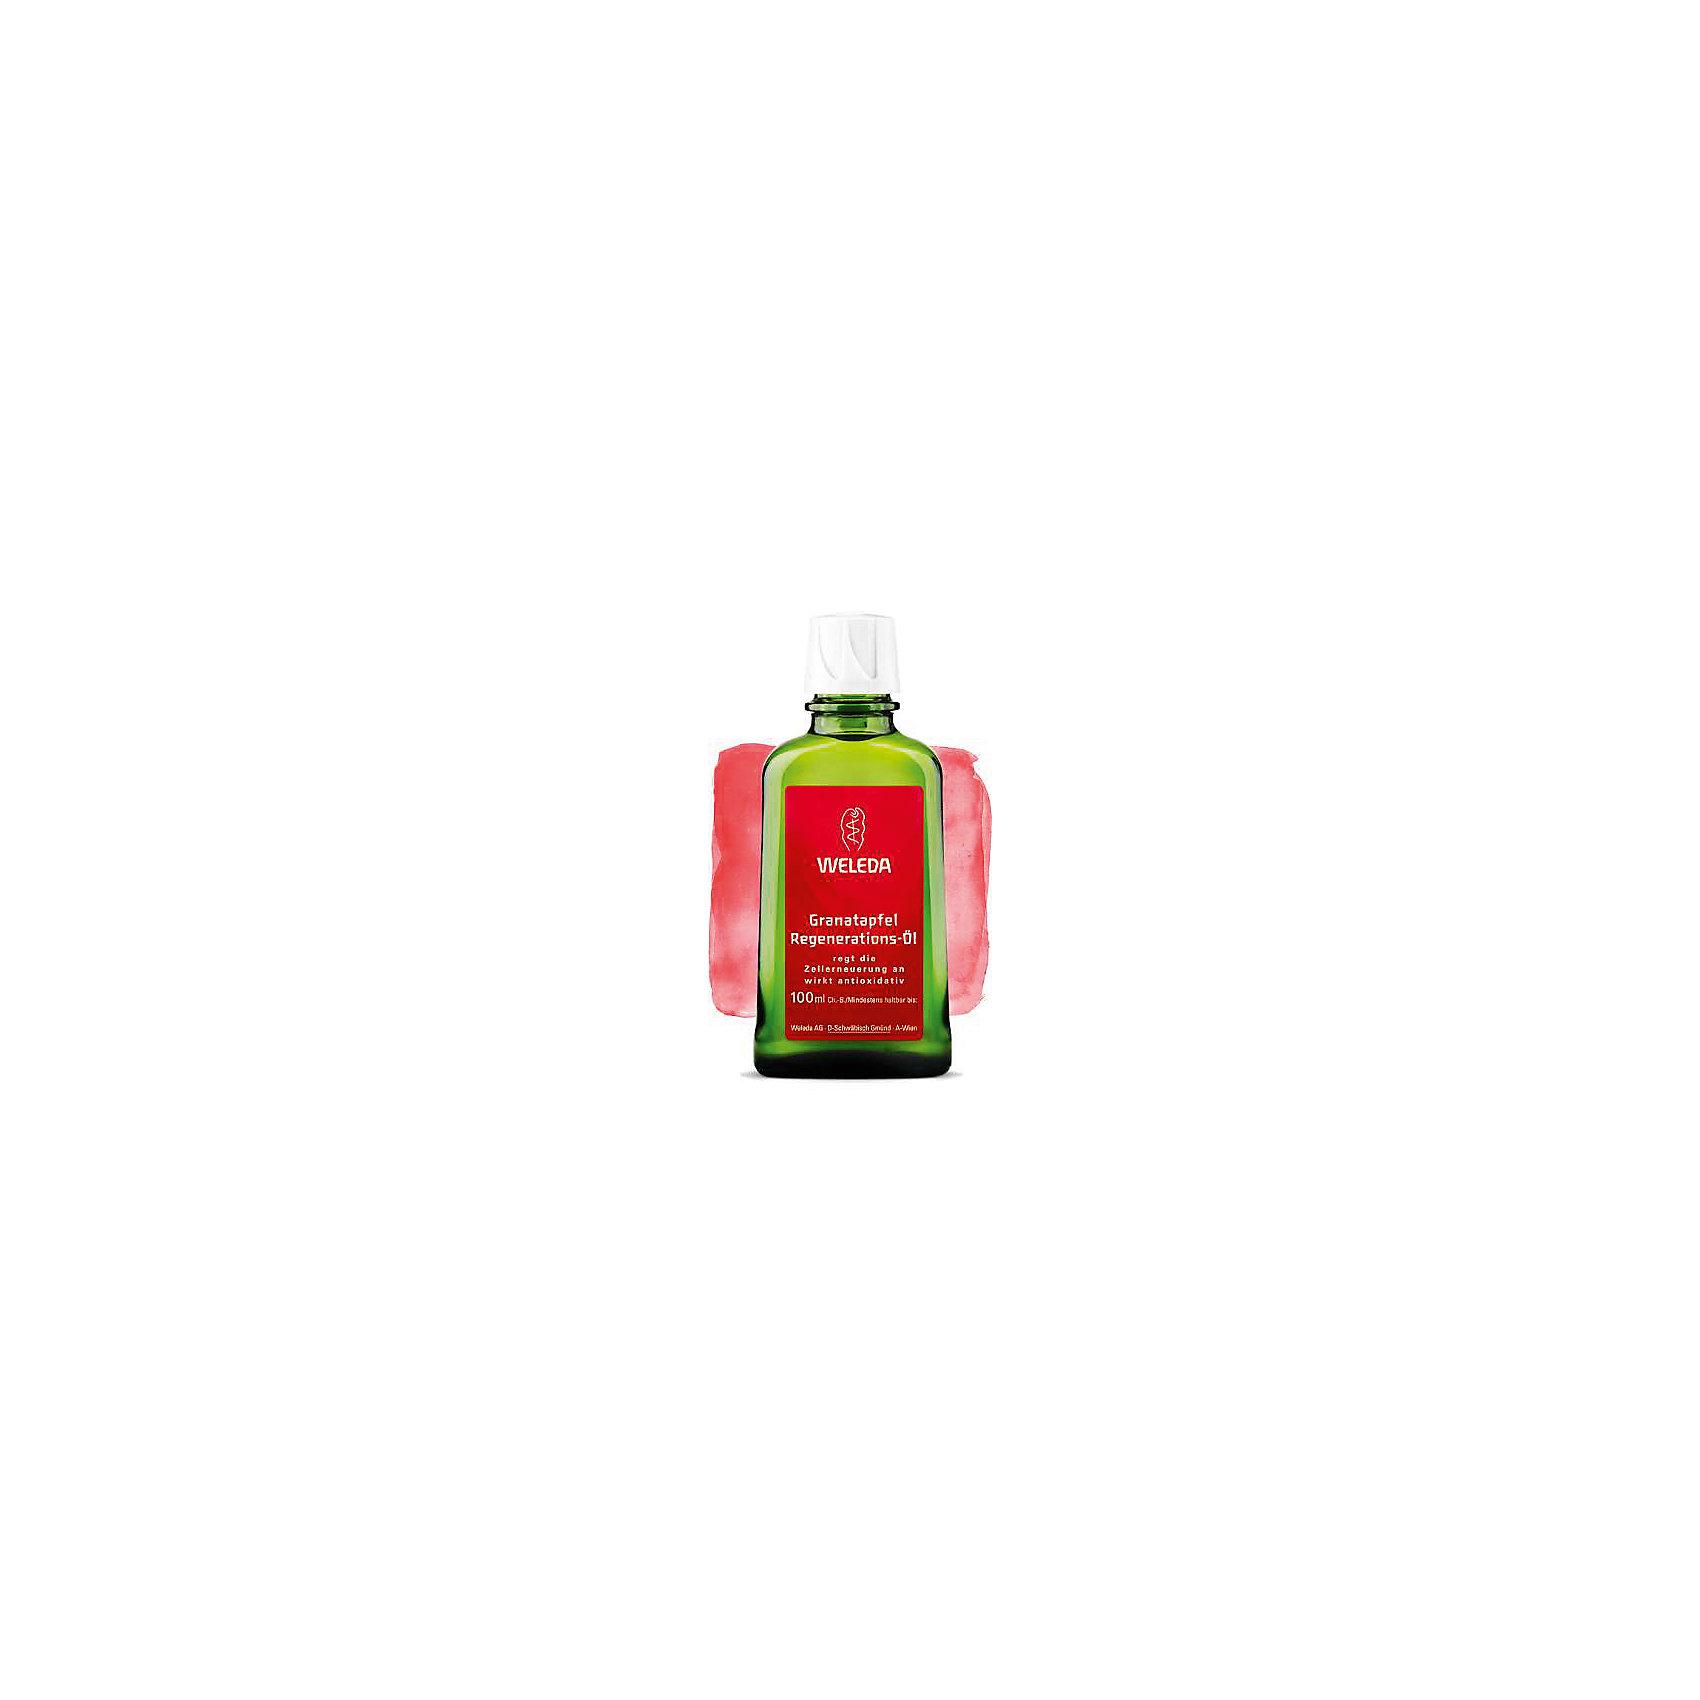 Масло гранатовое восстанавливающее для тела 100мл, Weleda (-)